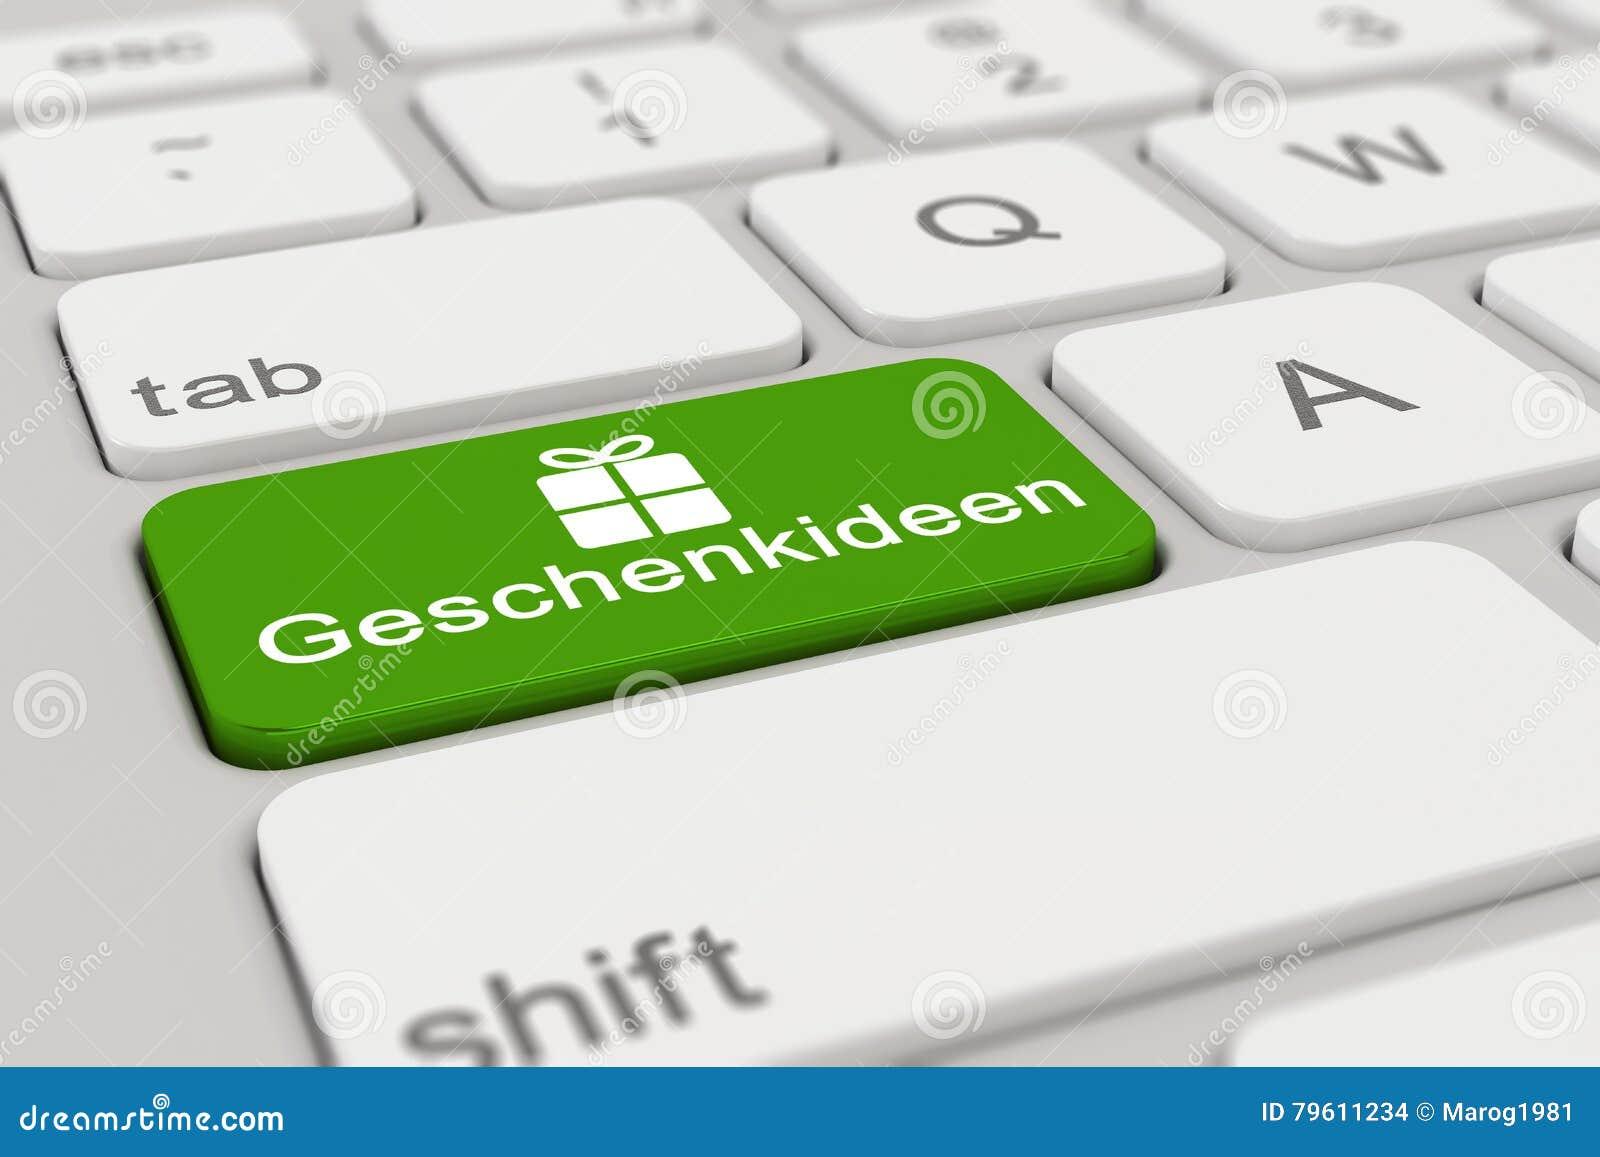 3d - teclado - Geschenkideen - verde